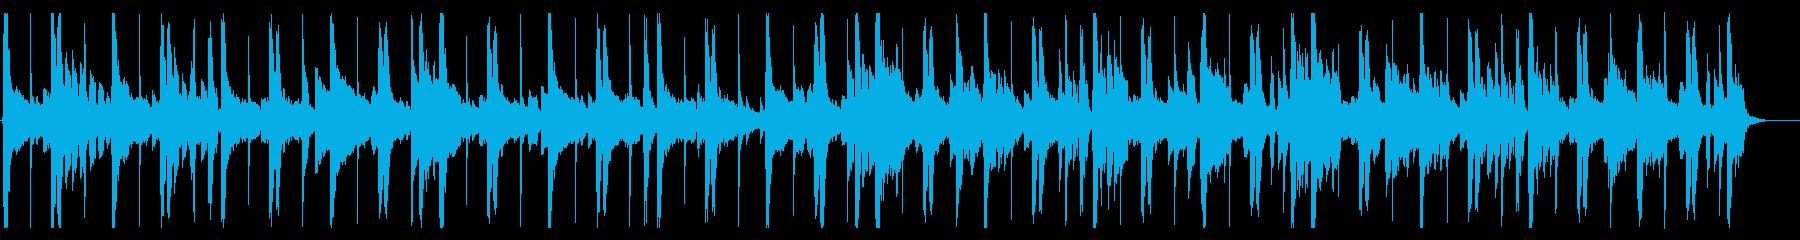 儚げ/R&B_No606_2の再生済みの波形